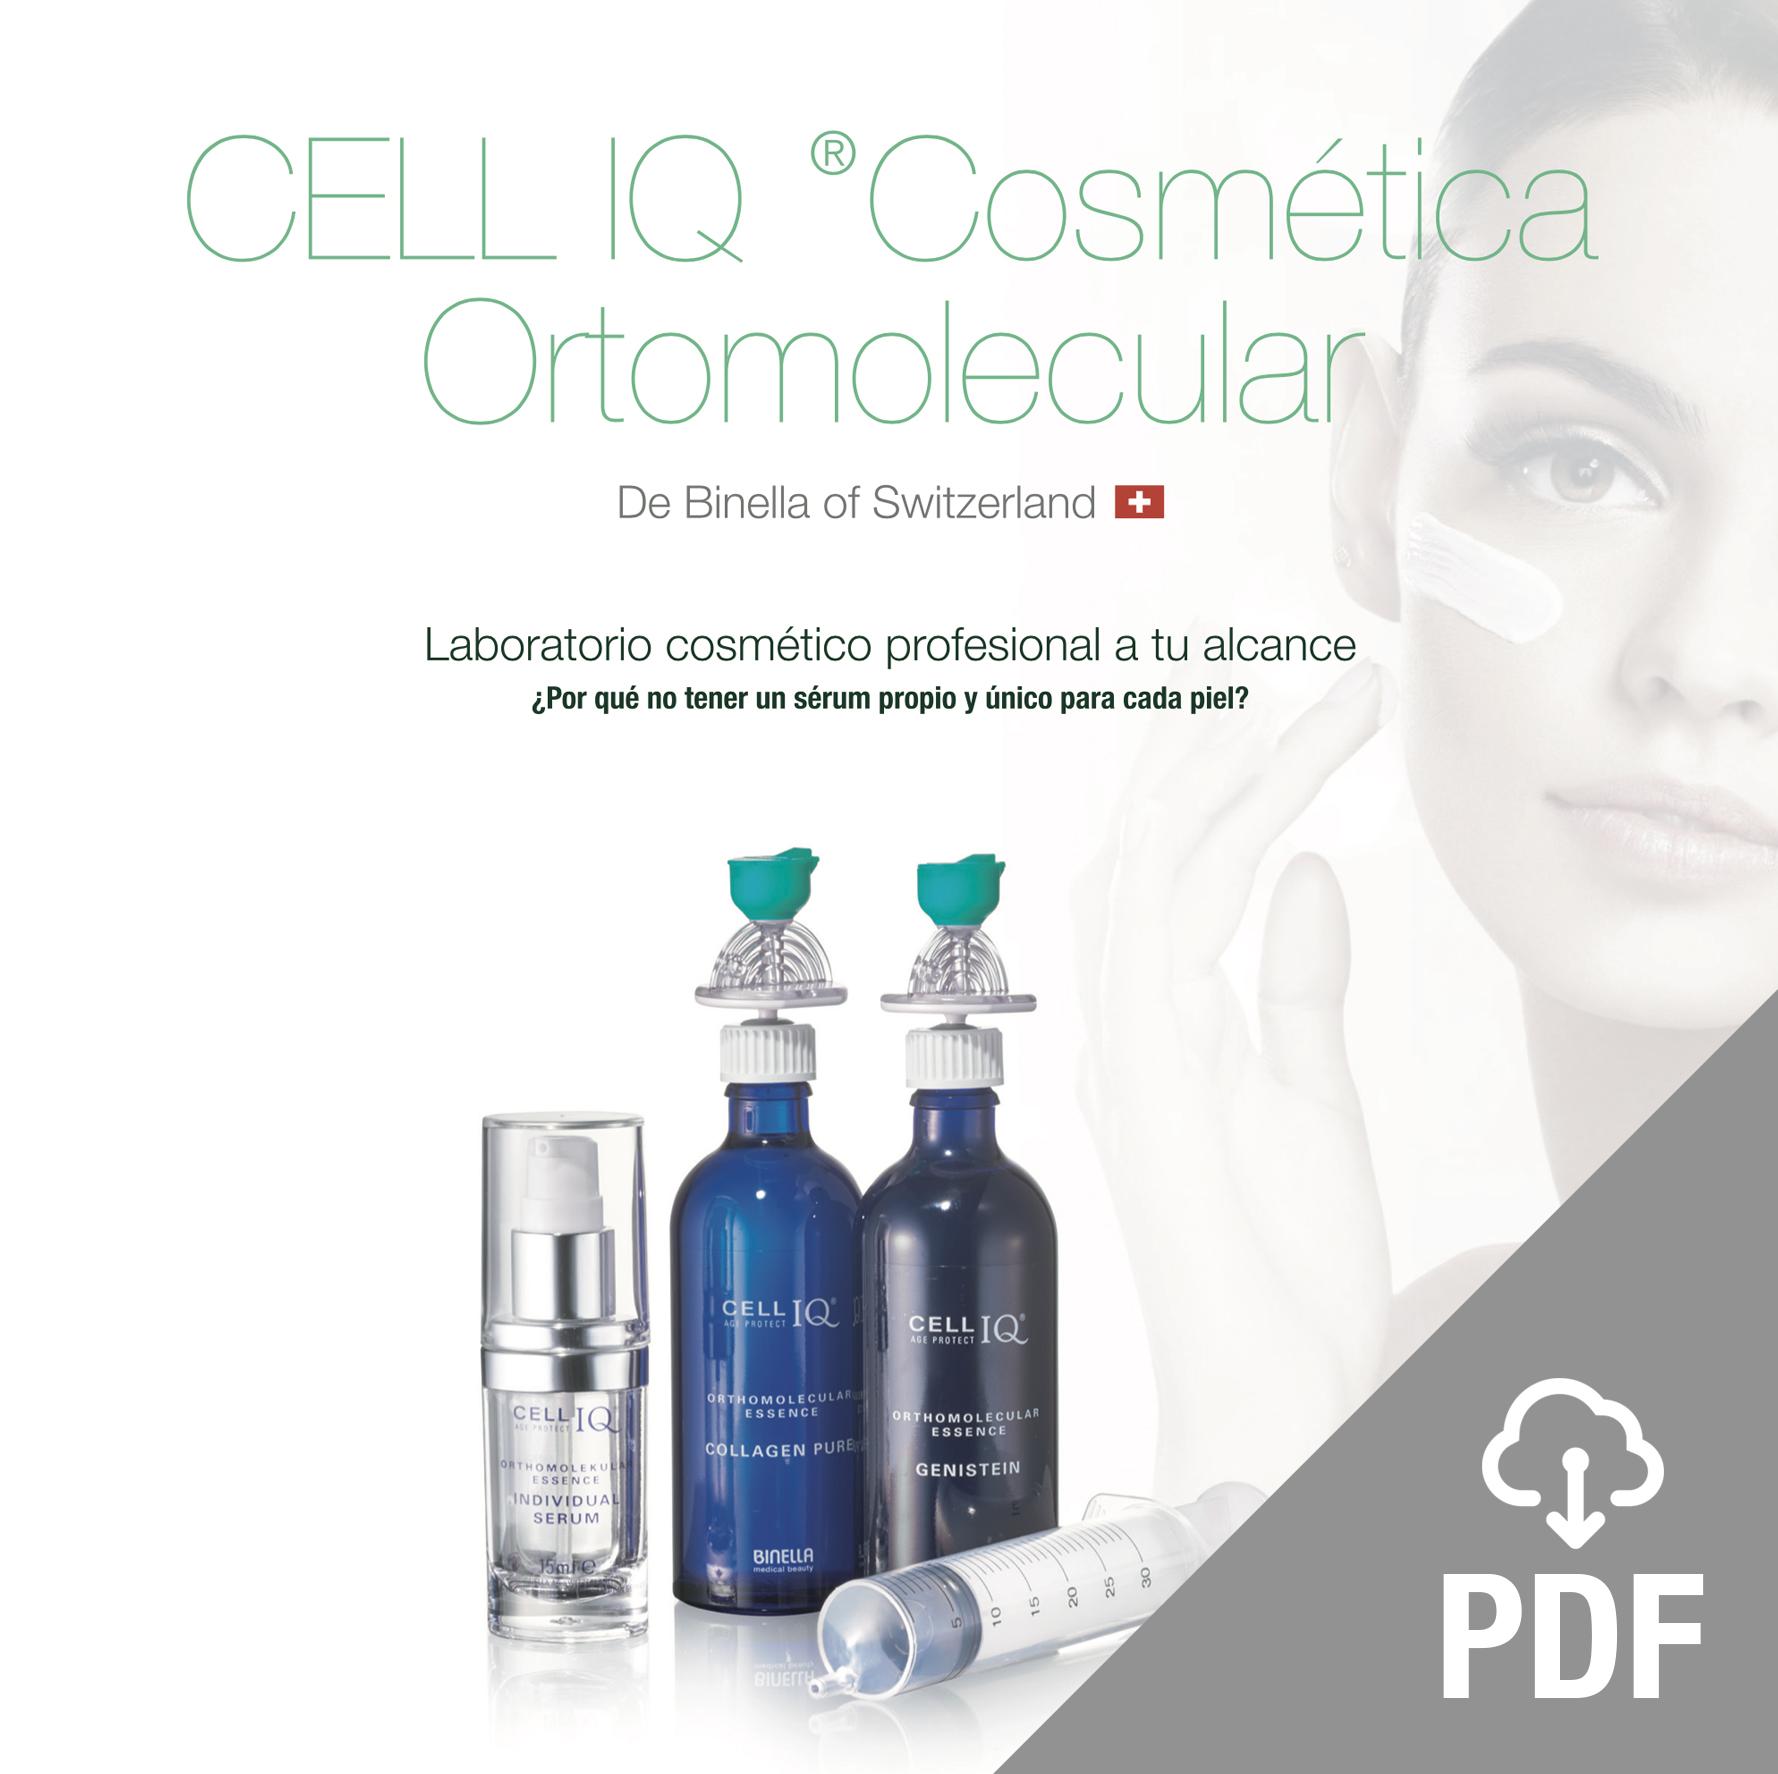 activos cosméticos ortomoleculares pdf2 belium medical gijon piel rejuvenecimiento belleza